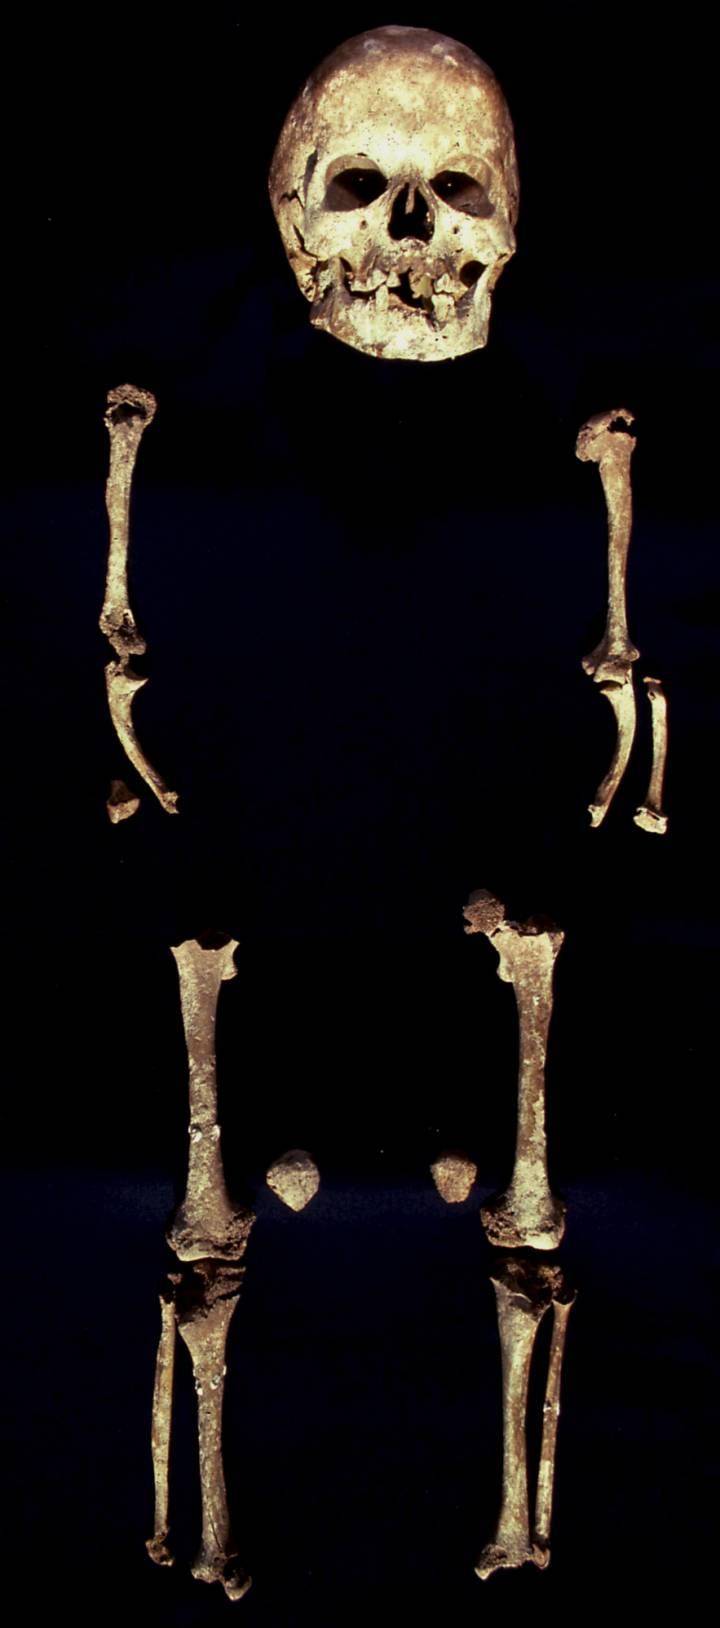 Personas discapacitadas ya eran cuidadas en sociedades de hace 200.000 años. [Historia] 15414110